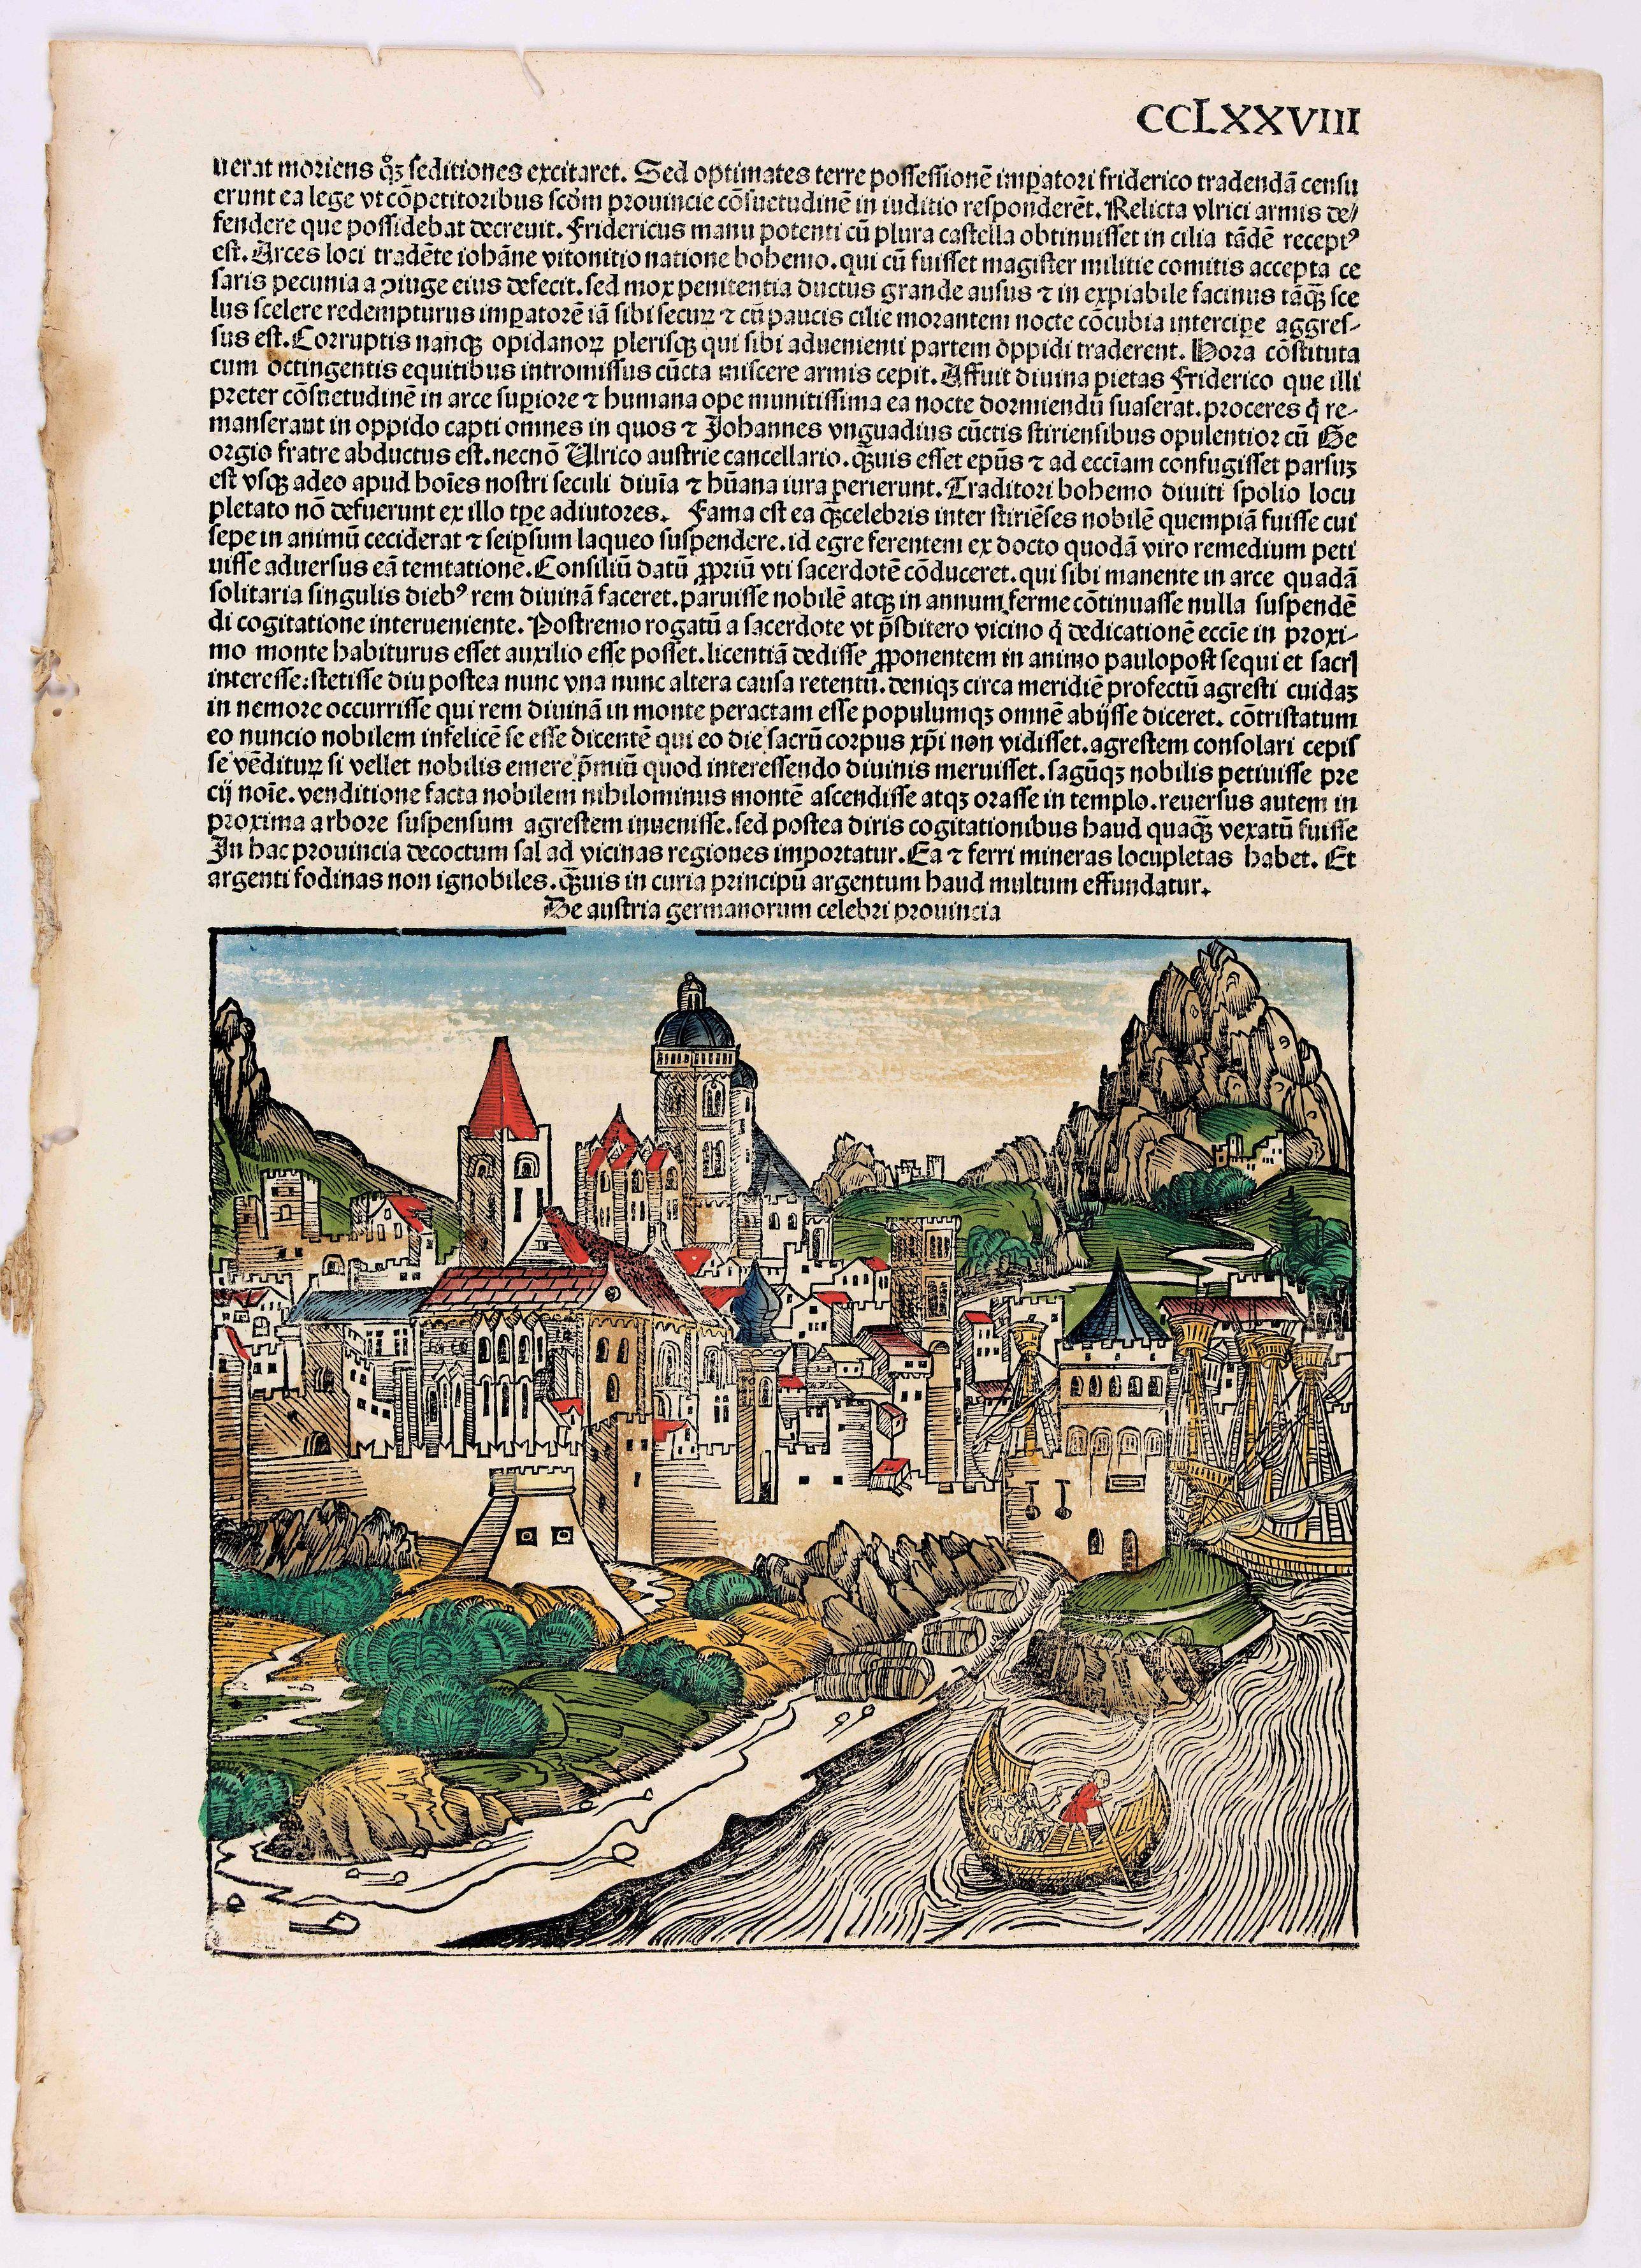 SCHEDEL, H. -  Quita Etas Mundi. Folium. CCLXXVIII